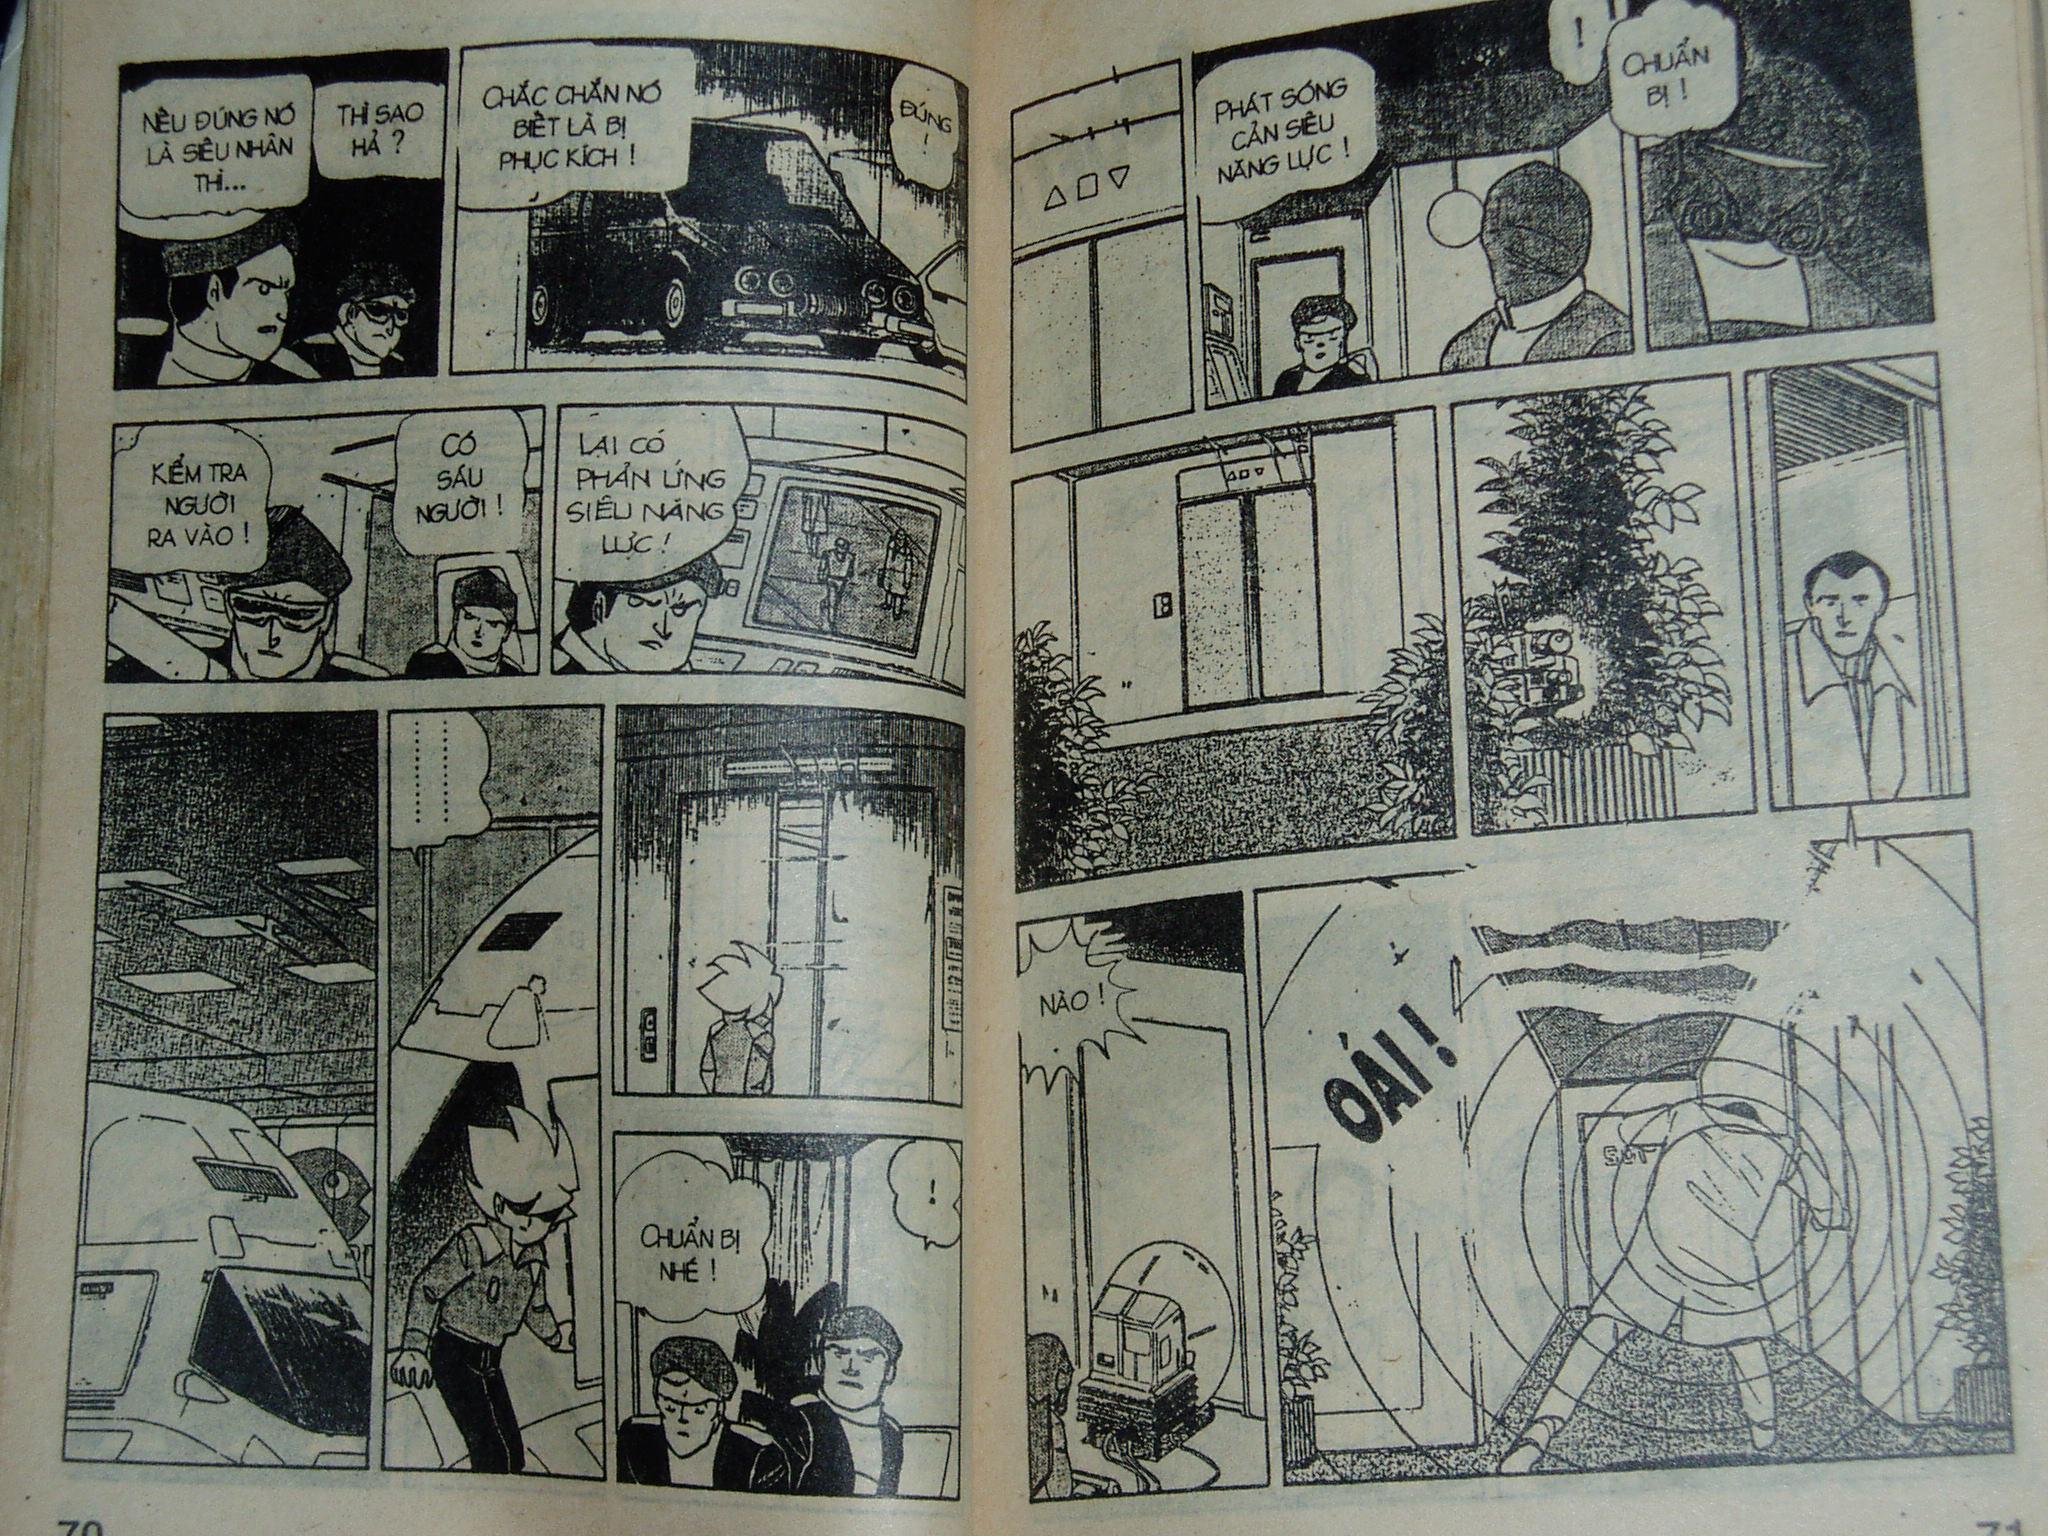 Siêu nhân Locke vol 16 trang 34